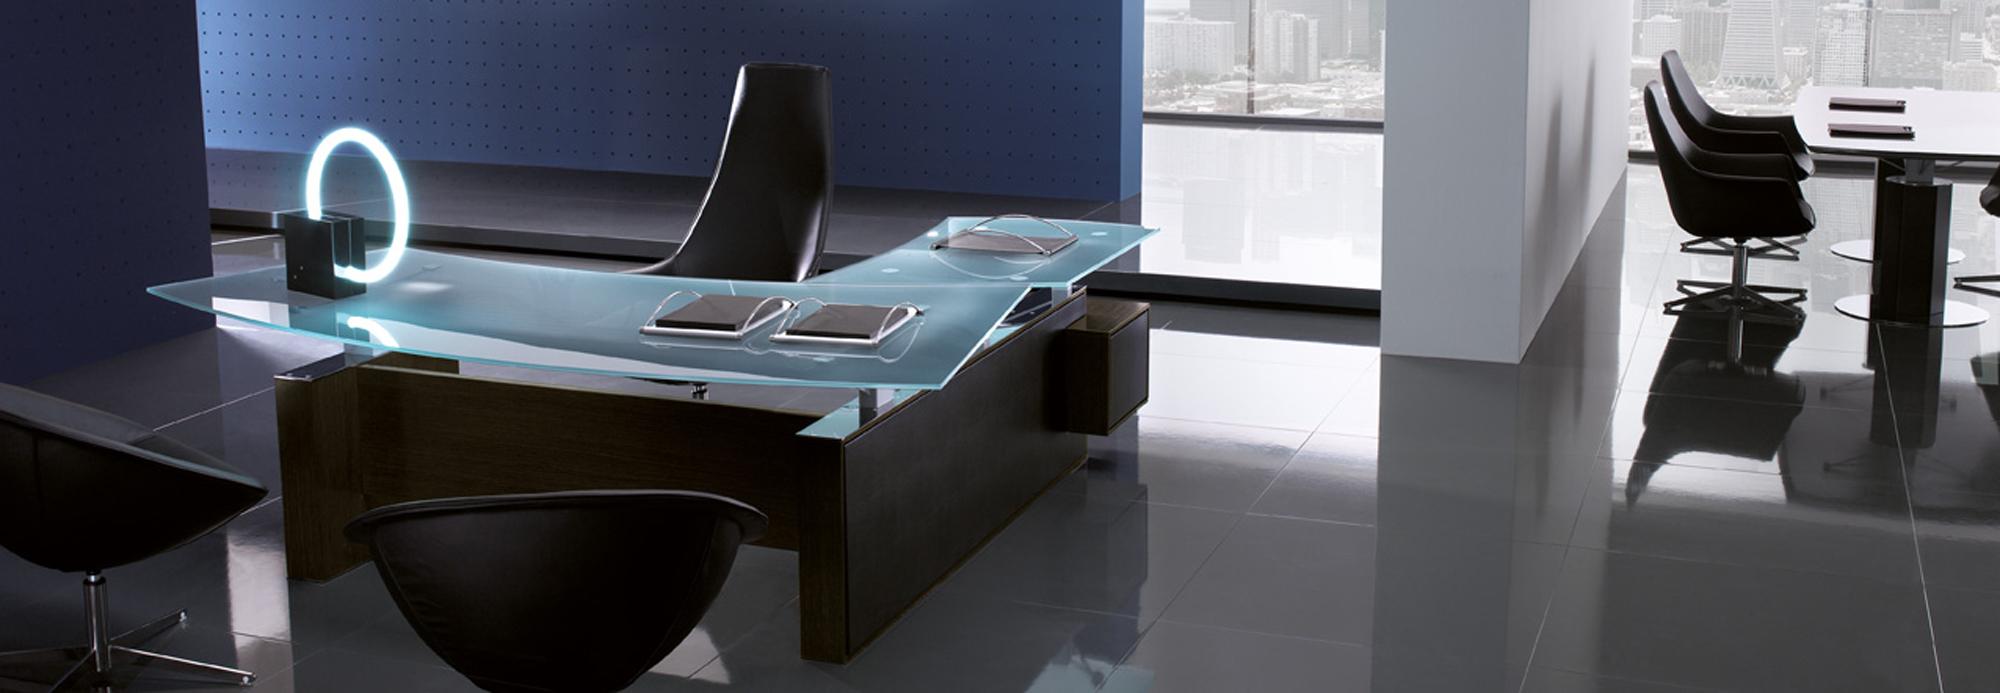 ufficio-10